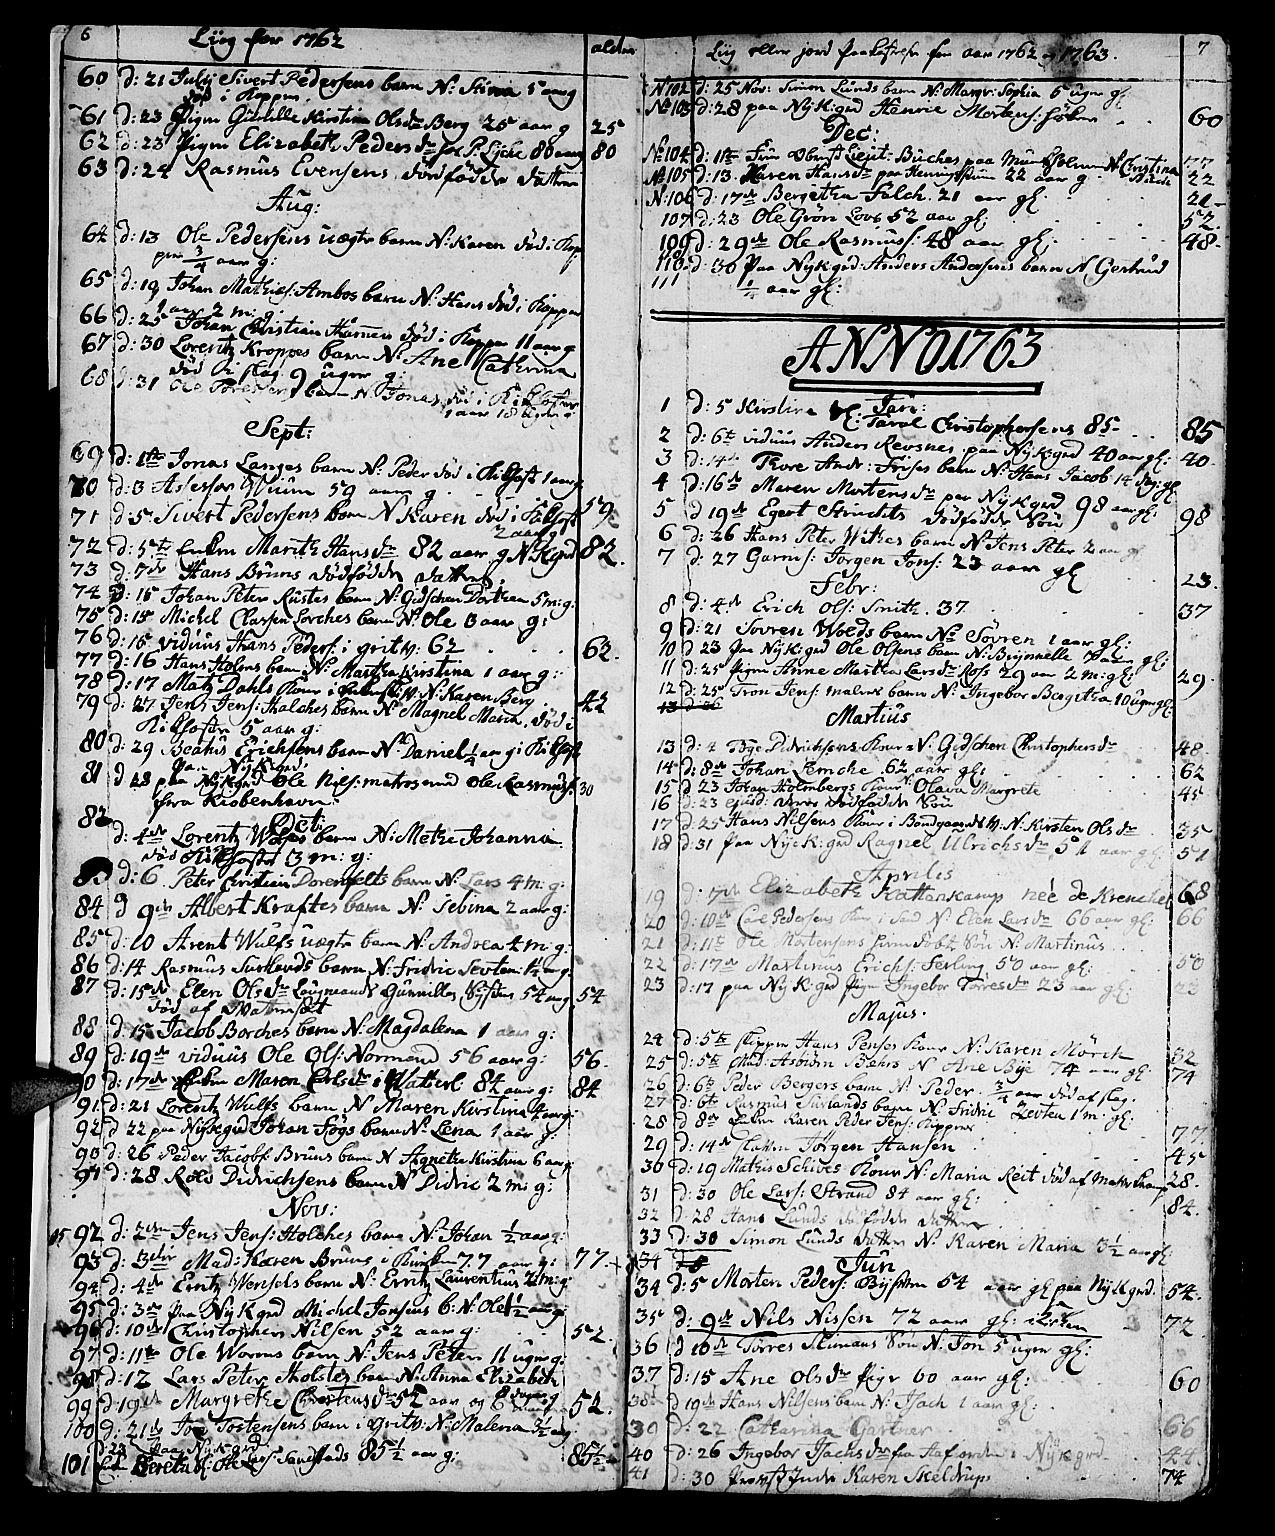 SAT, Ministerialprotokoller, klokkerbøker og fødselsregistre - Sør-Trøndelag, 602/L0134: Klokkerbok nr. 602C02, 1759-1812, s. 6-7